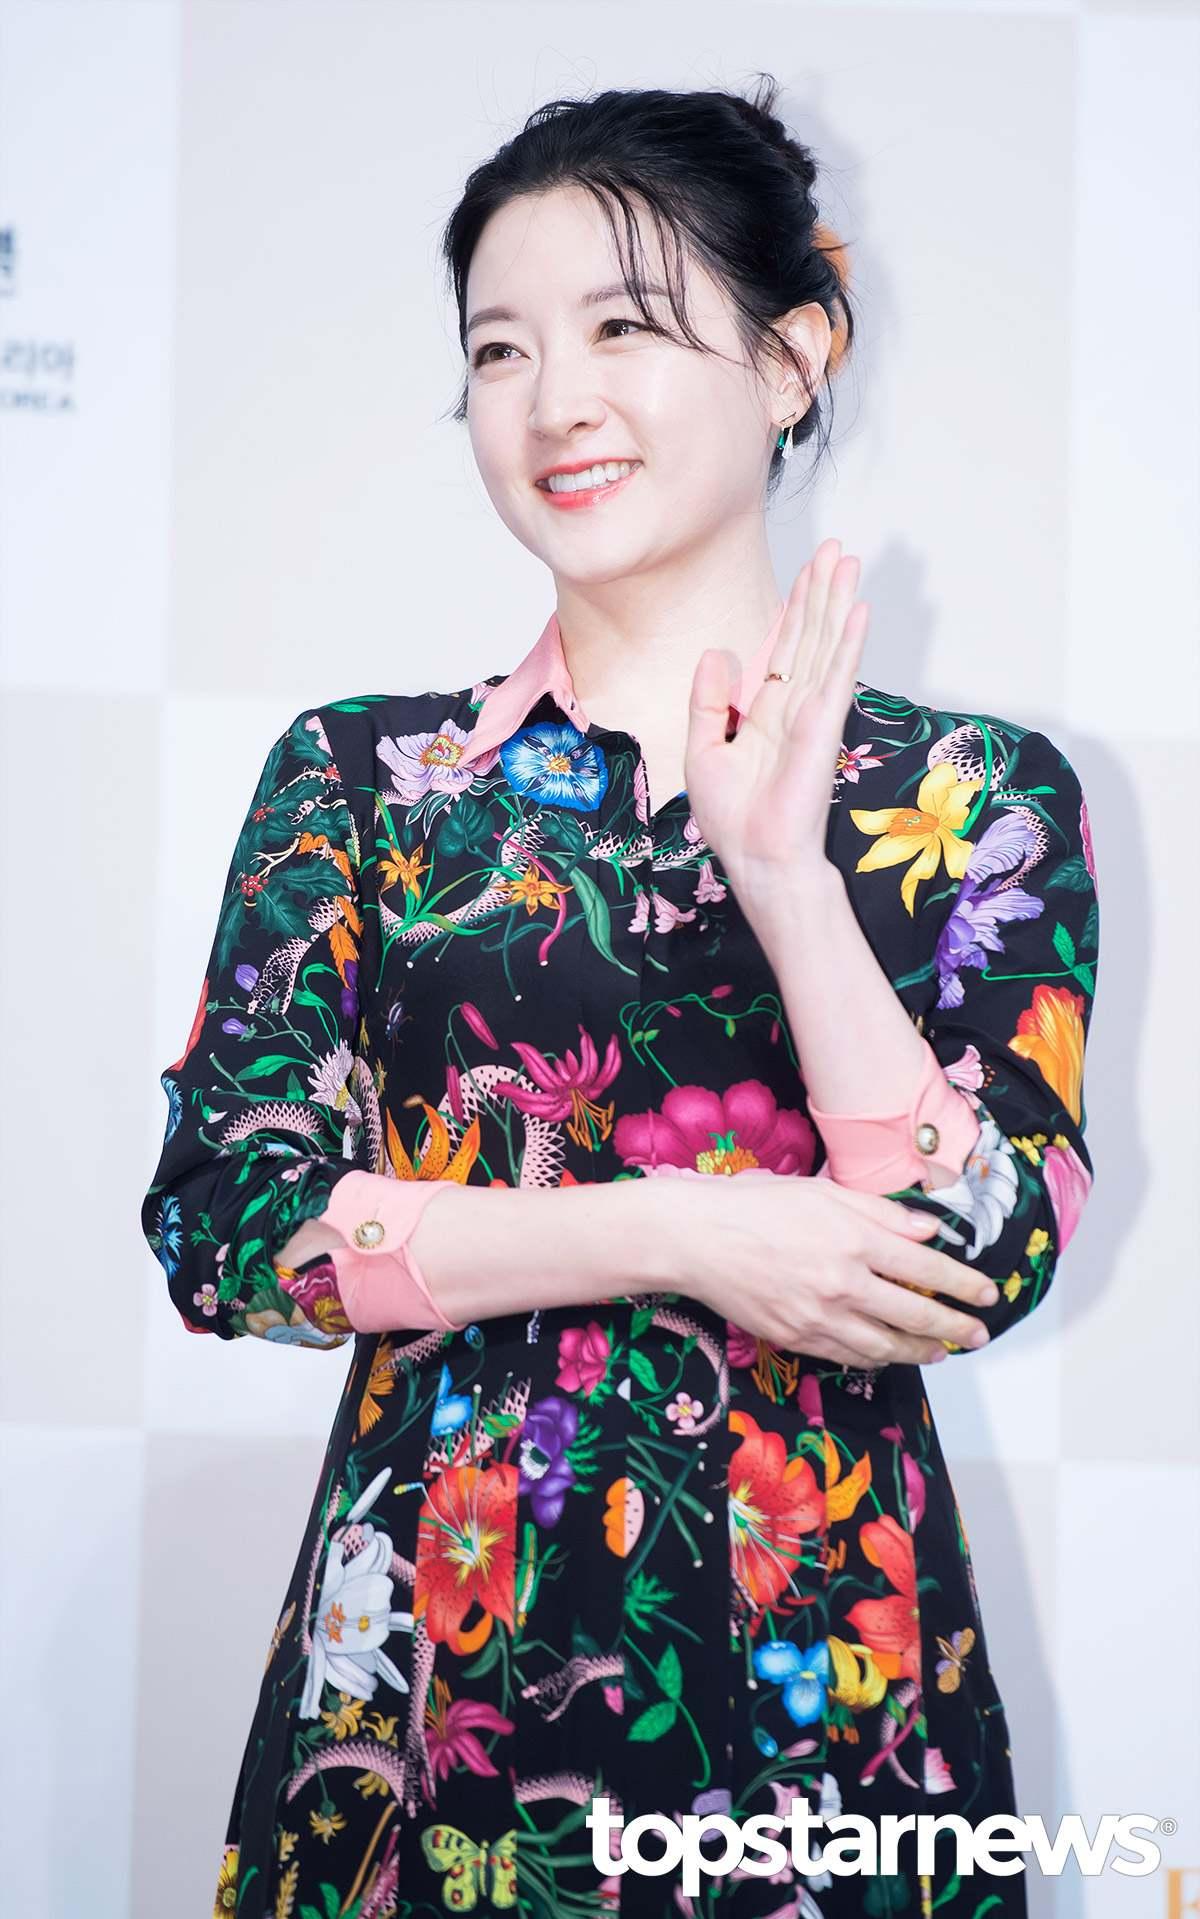 還有網友留言「就是因為有這種瘋子,李英愛在日本節目受訪時才會被問有沒有整過形,實在很丟臉」指認姜漢娜過度誇大,把韓國人的臉都丟光。